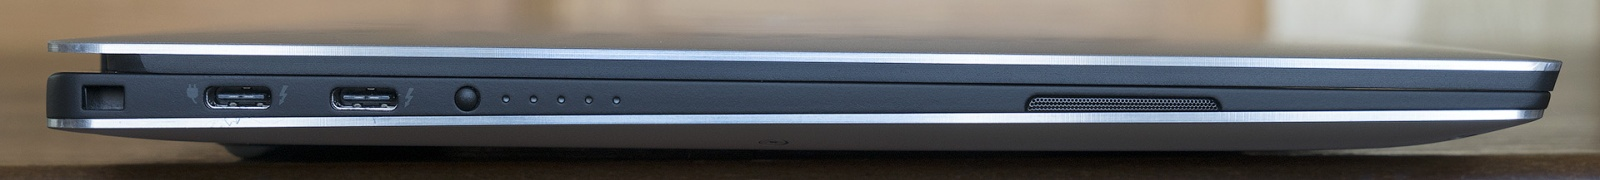 Обзор ноутбука Dell XPS 13 9370: лёгкий, красивый, быстрый - 7